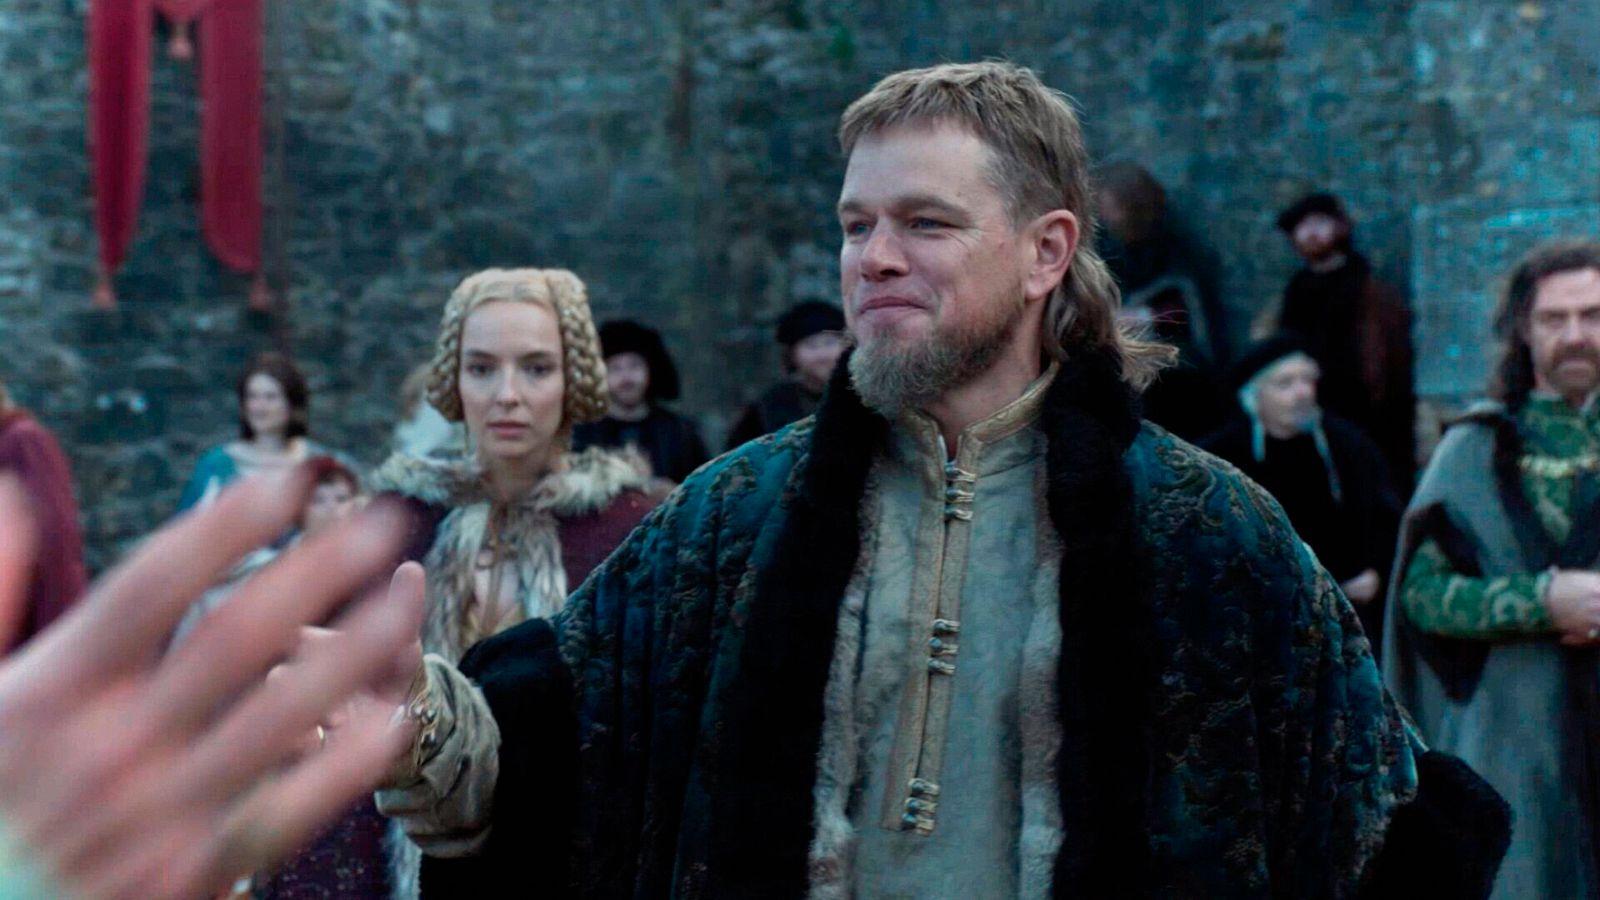 LE DERNIER DUEL THE LAST DUEL 2021 de Ridley Scott Jodie Comer Matt Damon. scenario de Ben Affleck, Matt Damon & Nicole